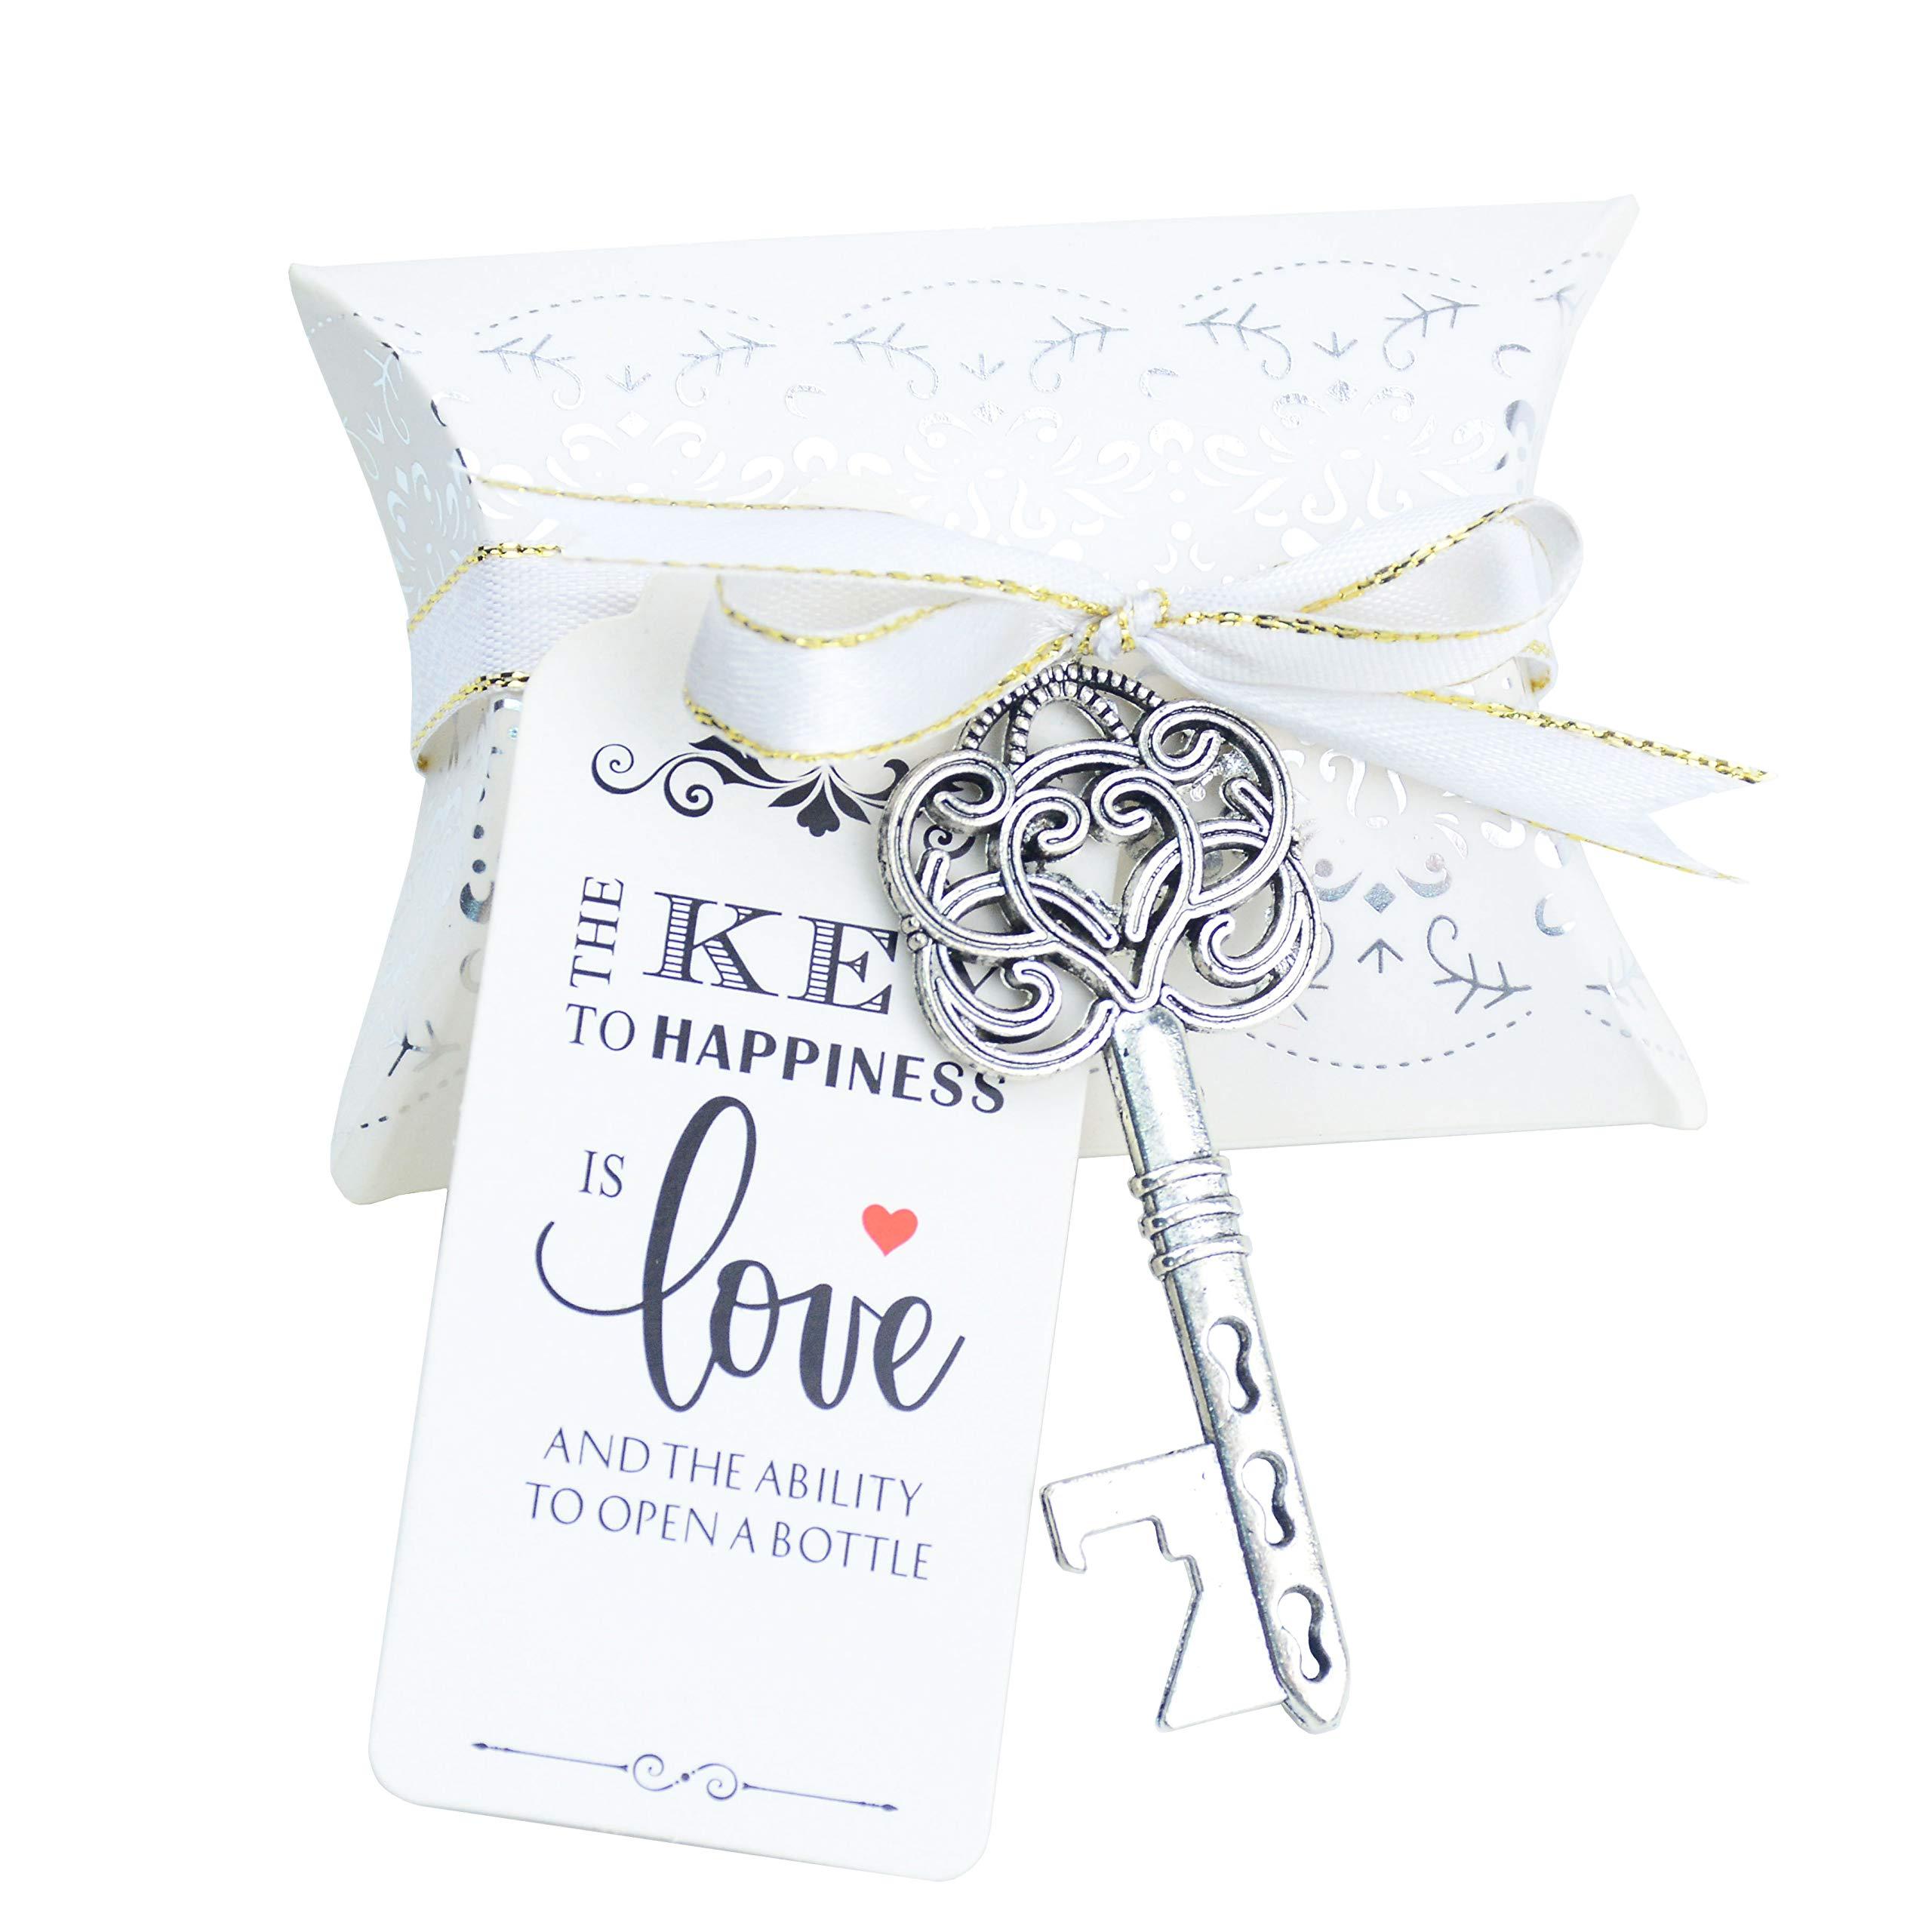 Aokbean 50pcs Vintage Skeleton Key Bottle Openers Wedding Favor Souvenir Gift Set Pillow Candy Box Escort Thank You Tag French Ribbon by Aokbean